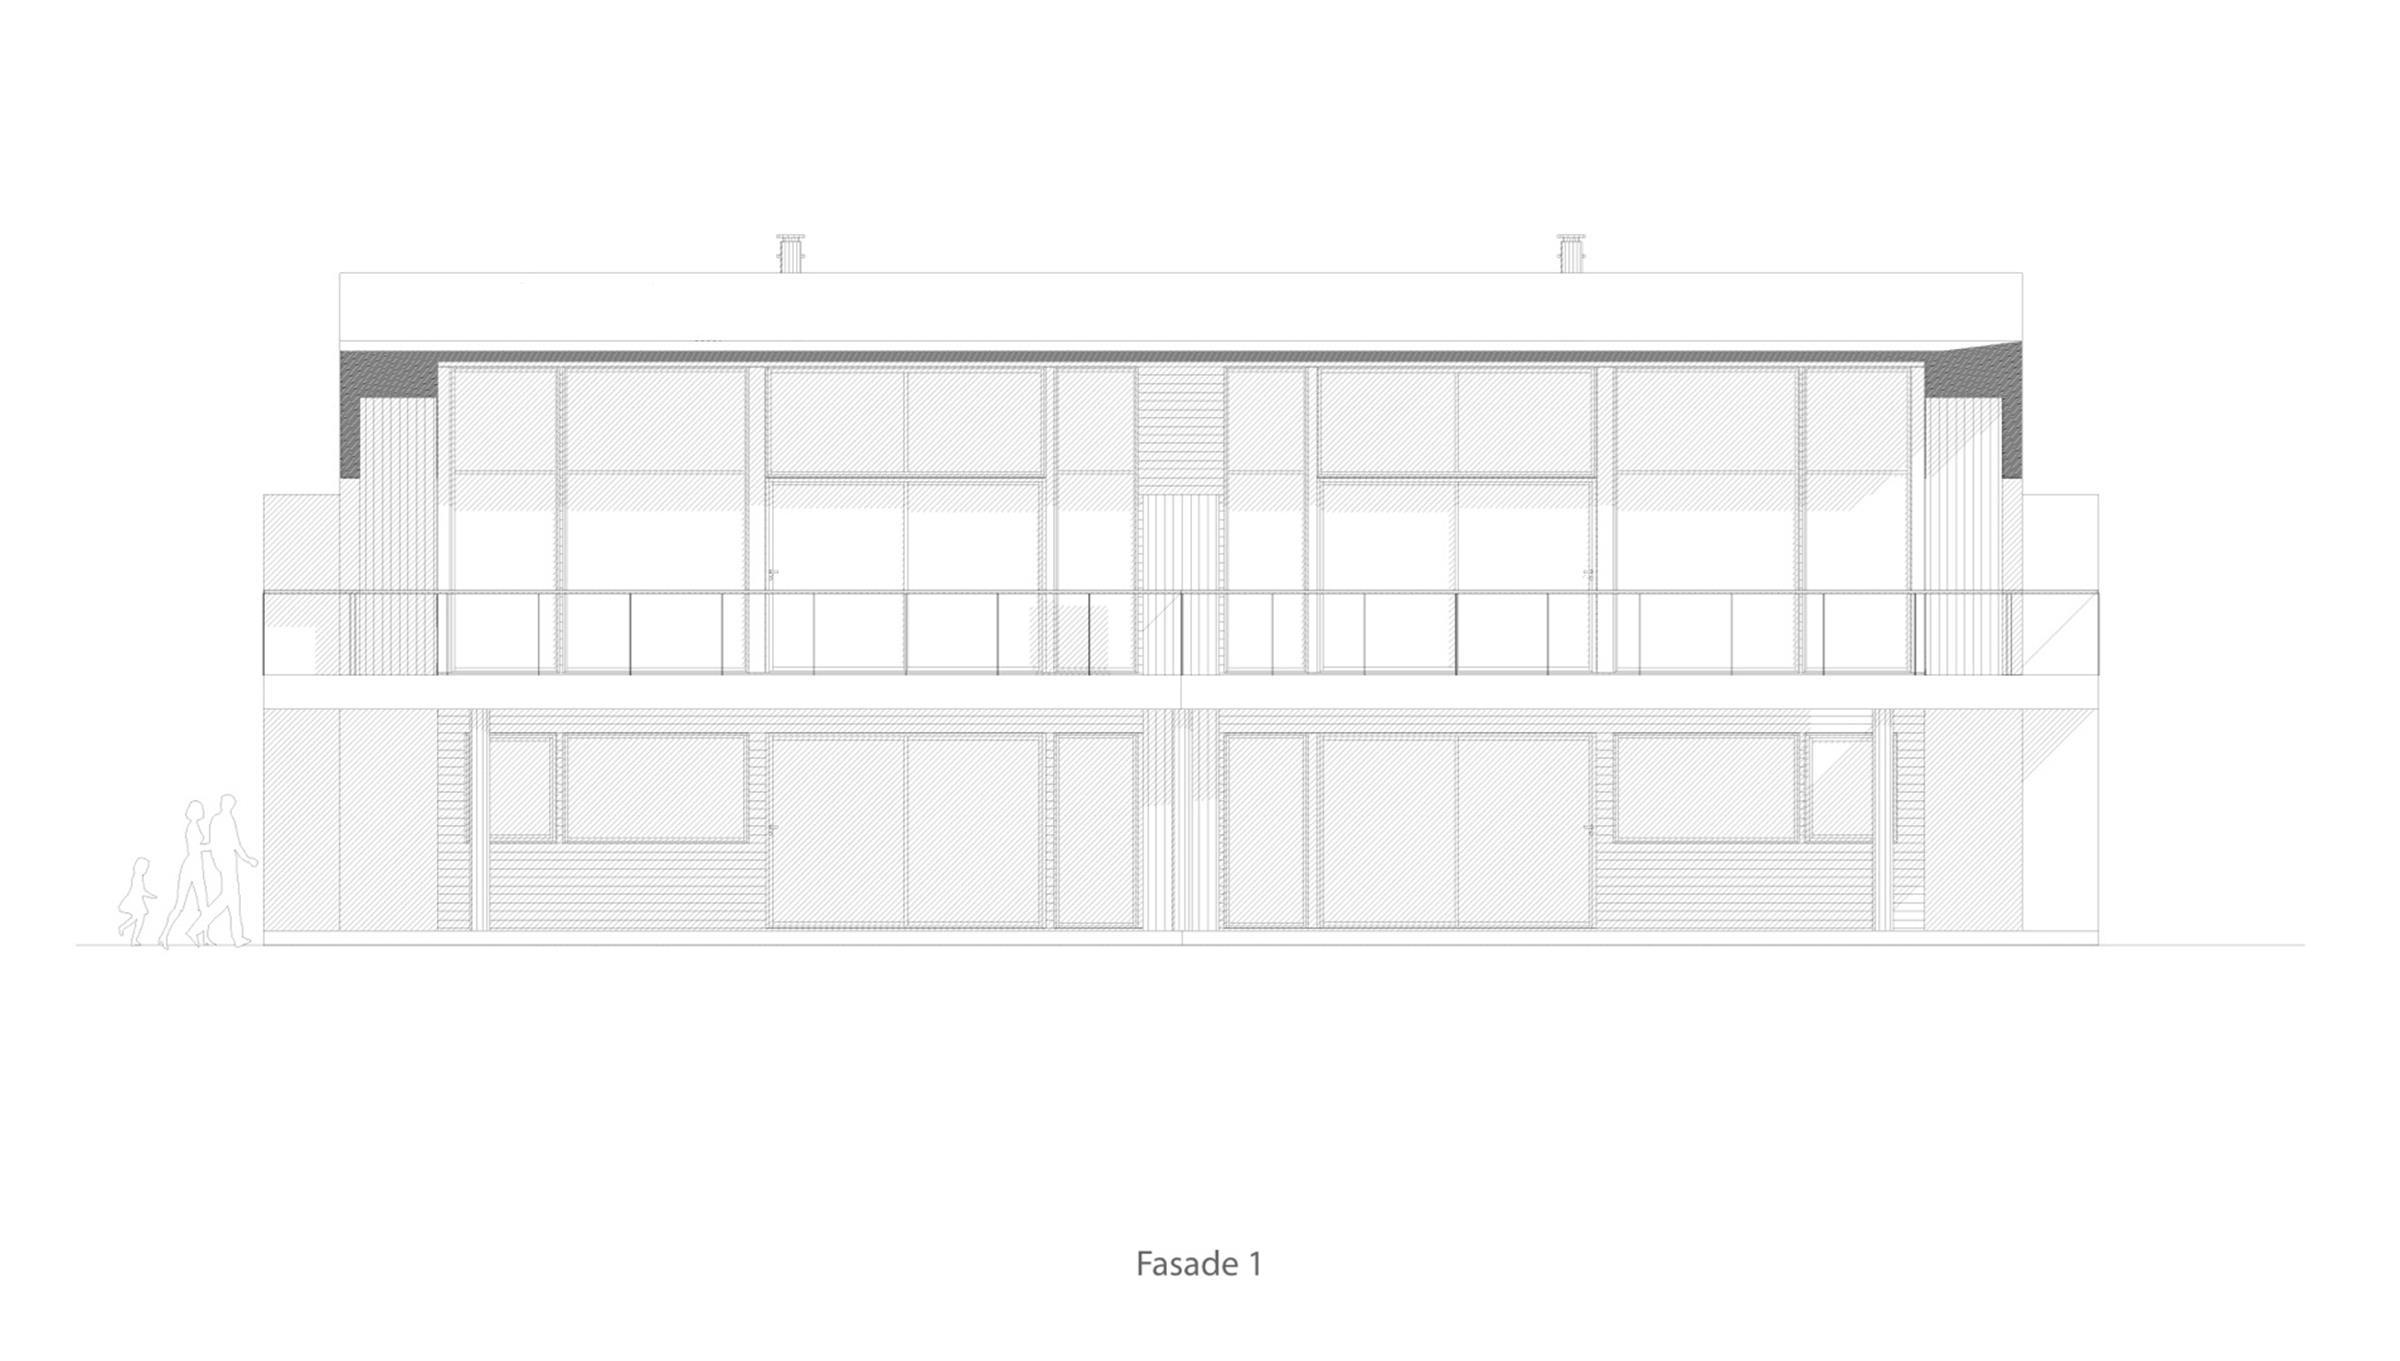 Bygdøy 4 mannsbolig  fasade 1